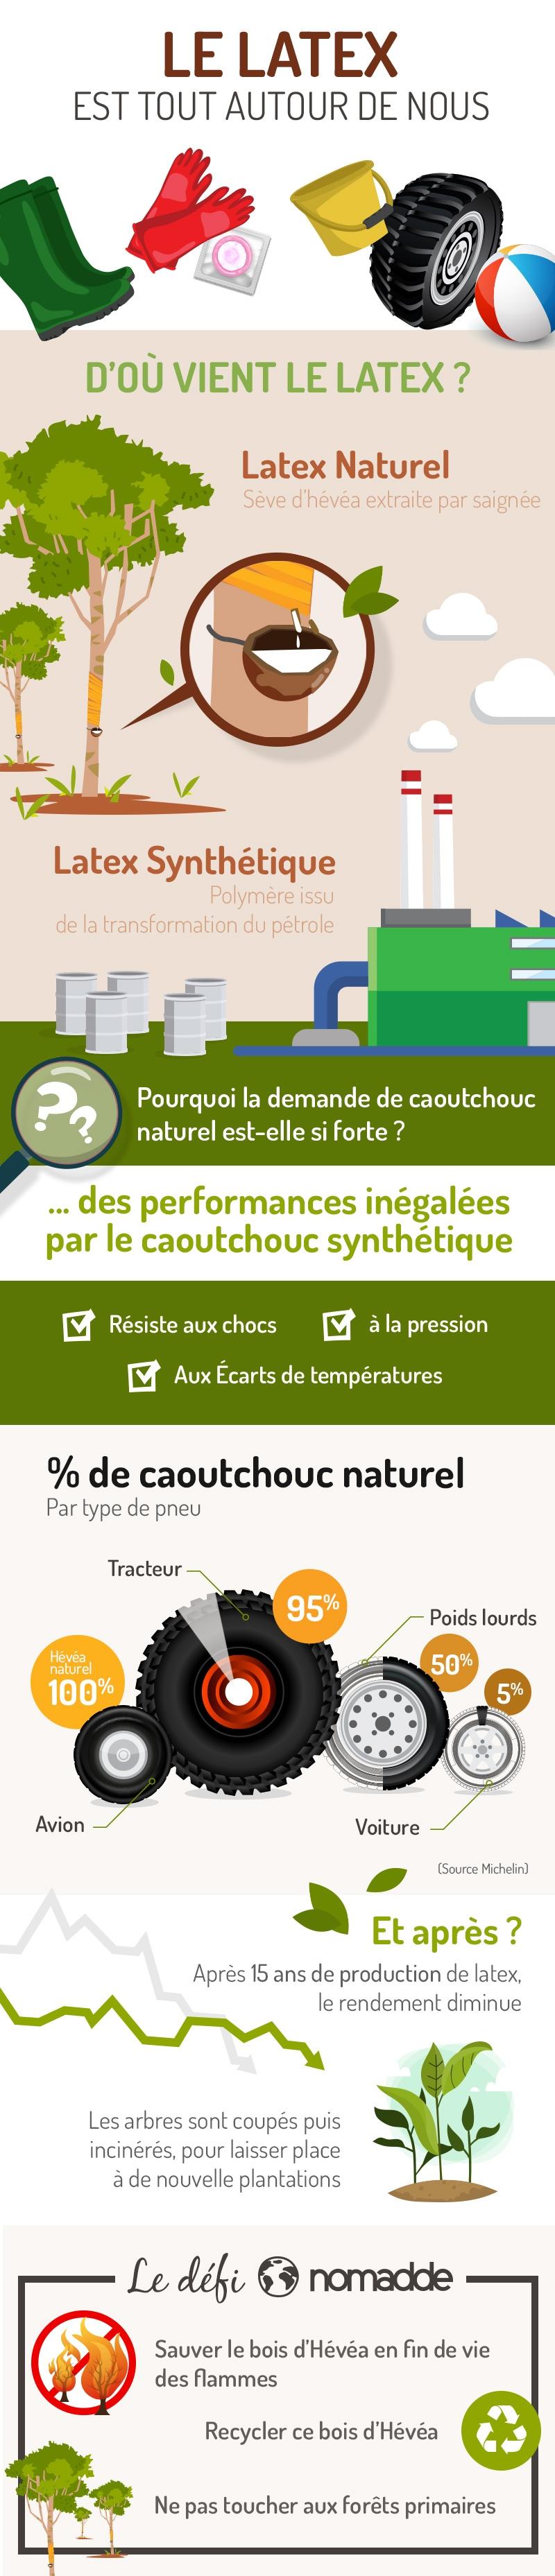 Infographie Histoire des meubles en bois d'GHévéa et le Latex